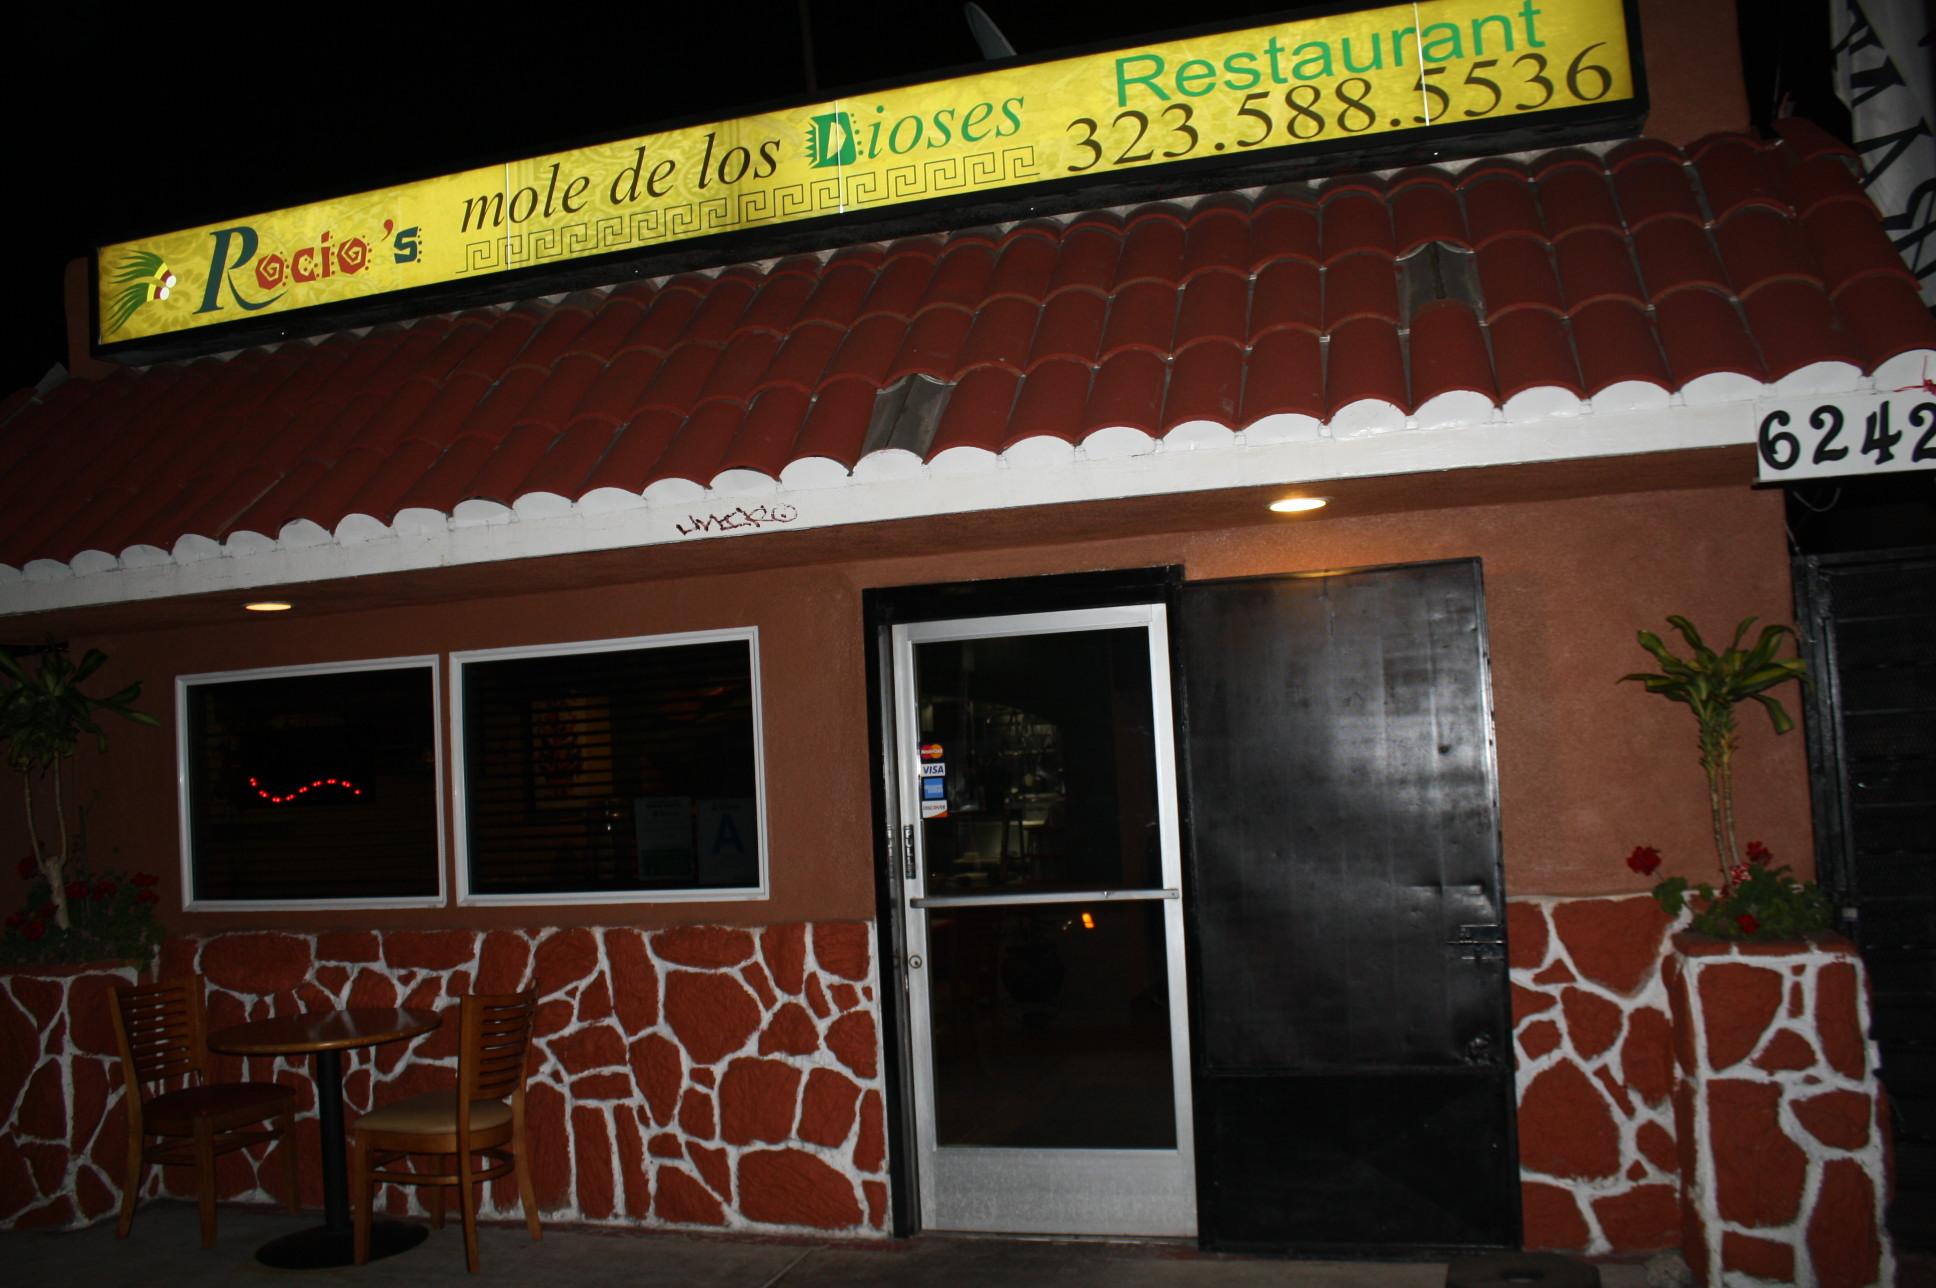 Rocio's Mole de los Dioses Restaurant en la ciudad de Bell. (Foto Agustín Durán/El Pasajero).